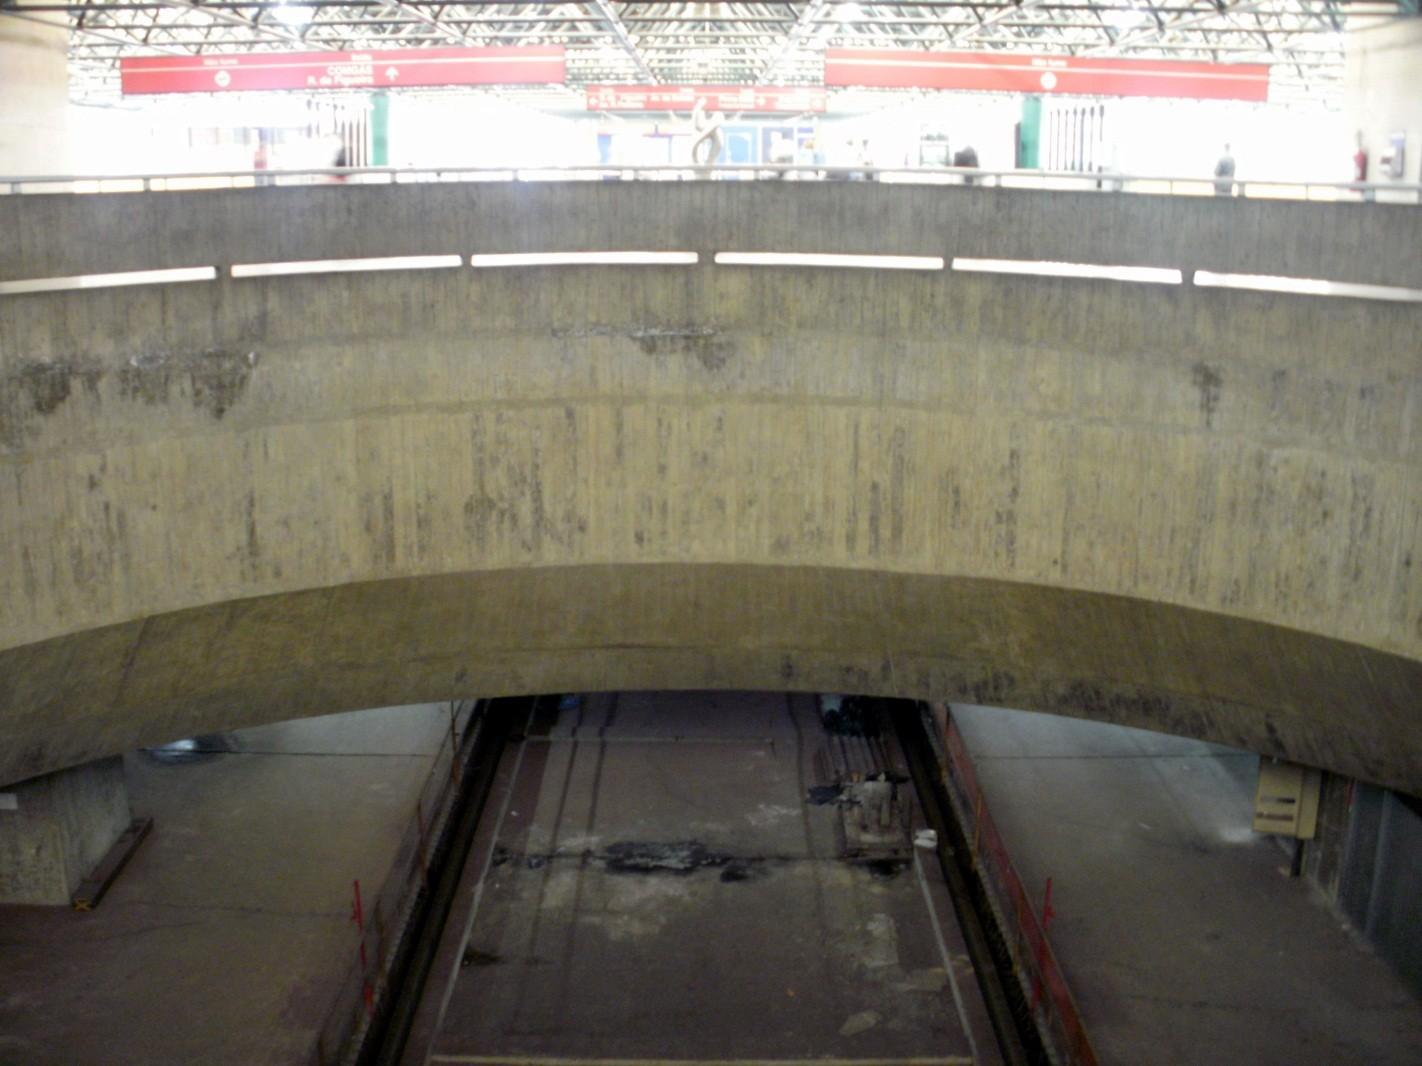 Figura 4, vista atual das plataformas não utilizadas da Estação Pedro II